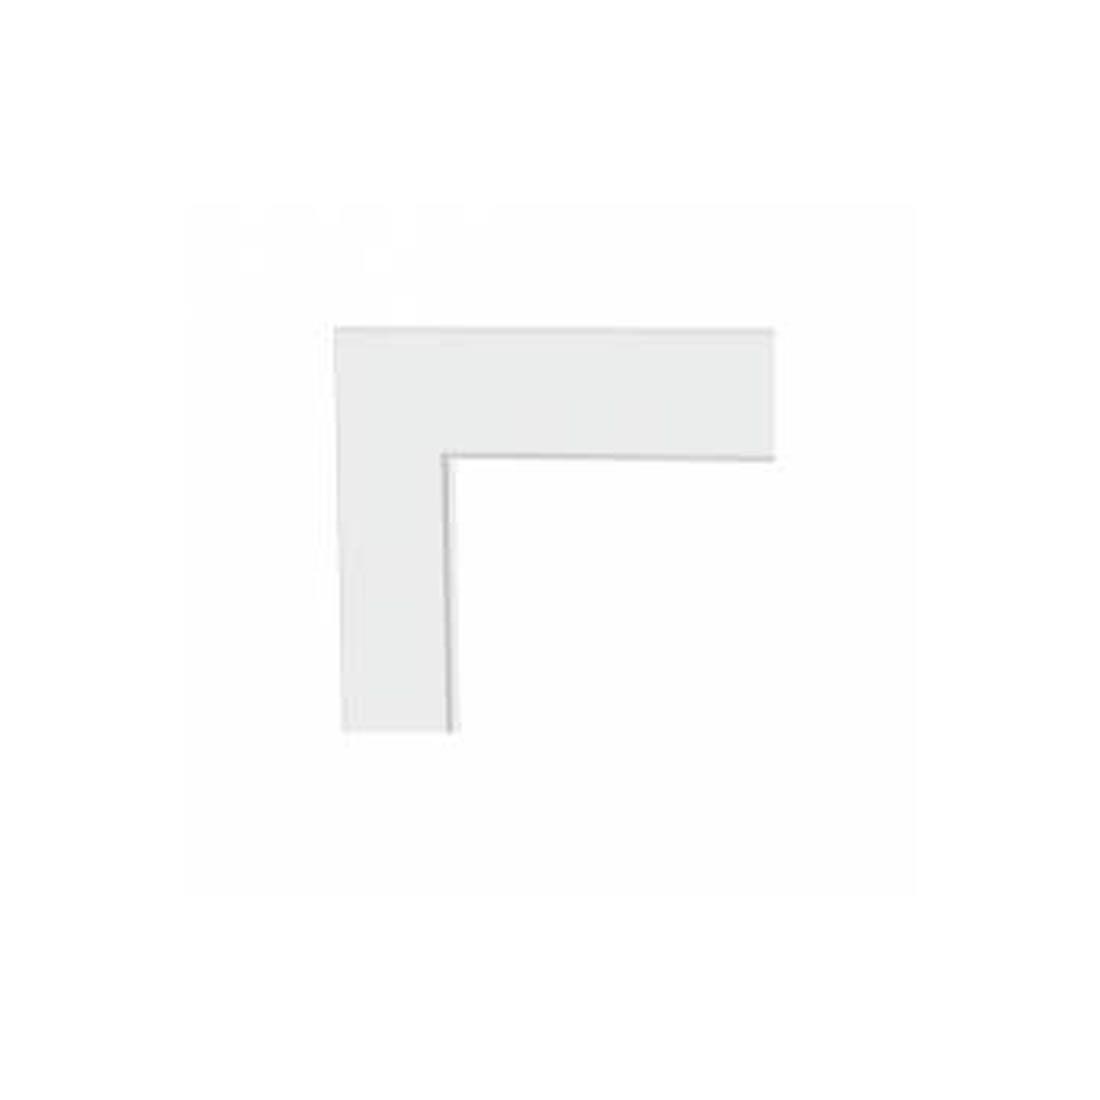 Guarnição Lucasa Branca com Aba 215x105 Ref 9197.0